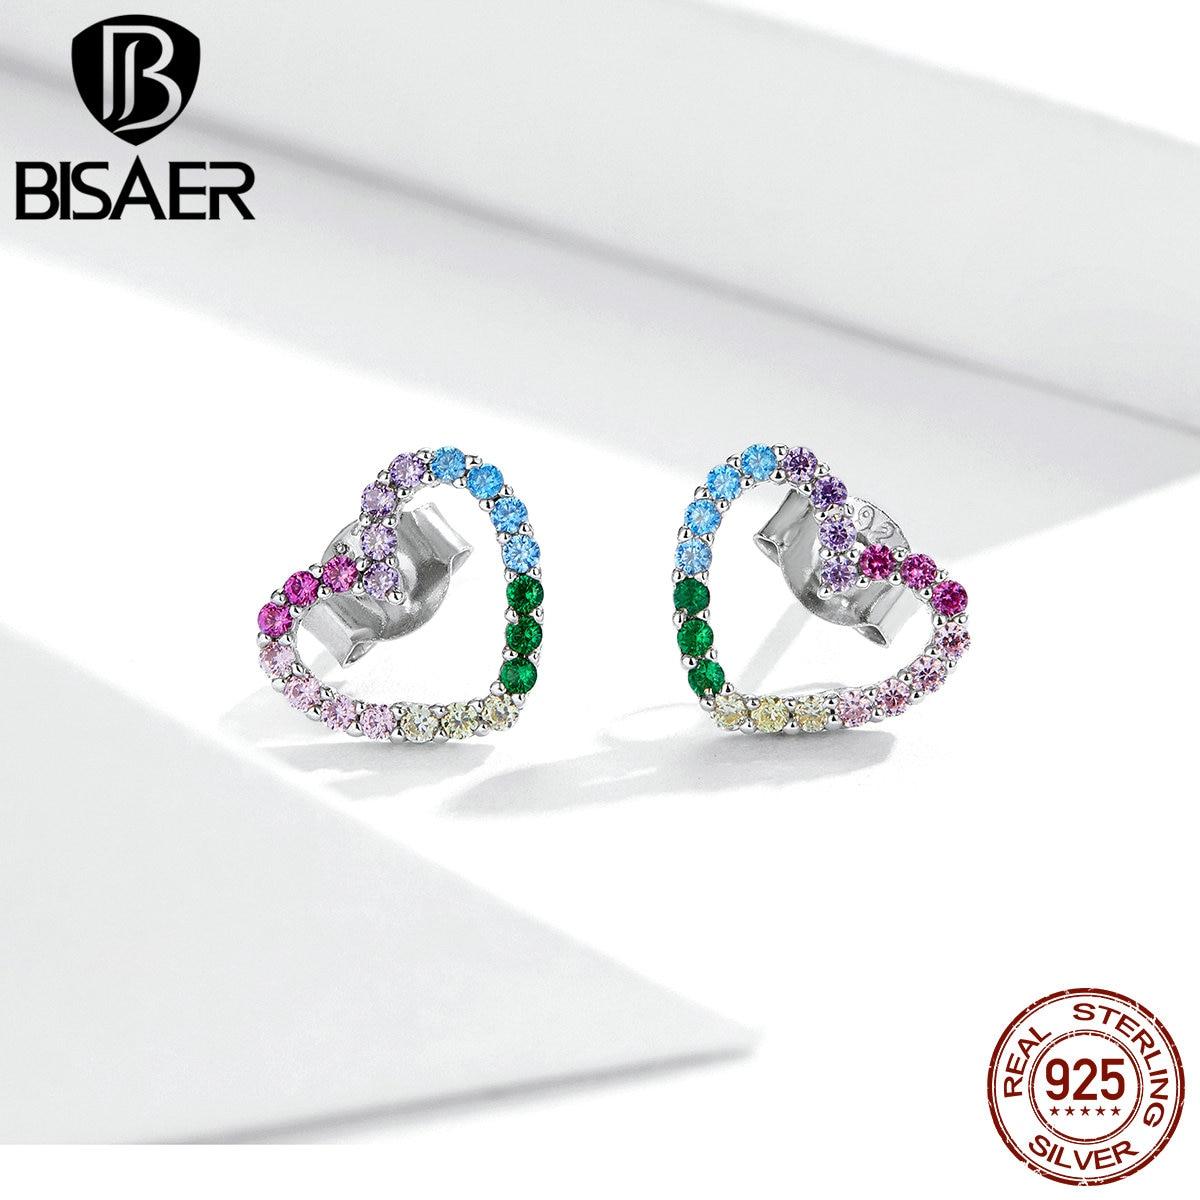 Bisaer arco-íris oco coração do parafuso prisioneiro brincos 925 prata esterlina colorido zircão pequenos brincos para mulheres jóias de luxo ece891